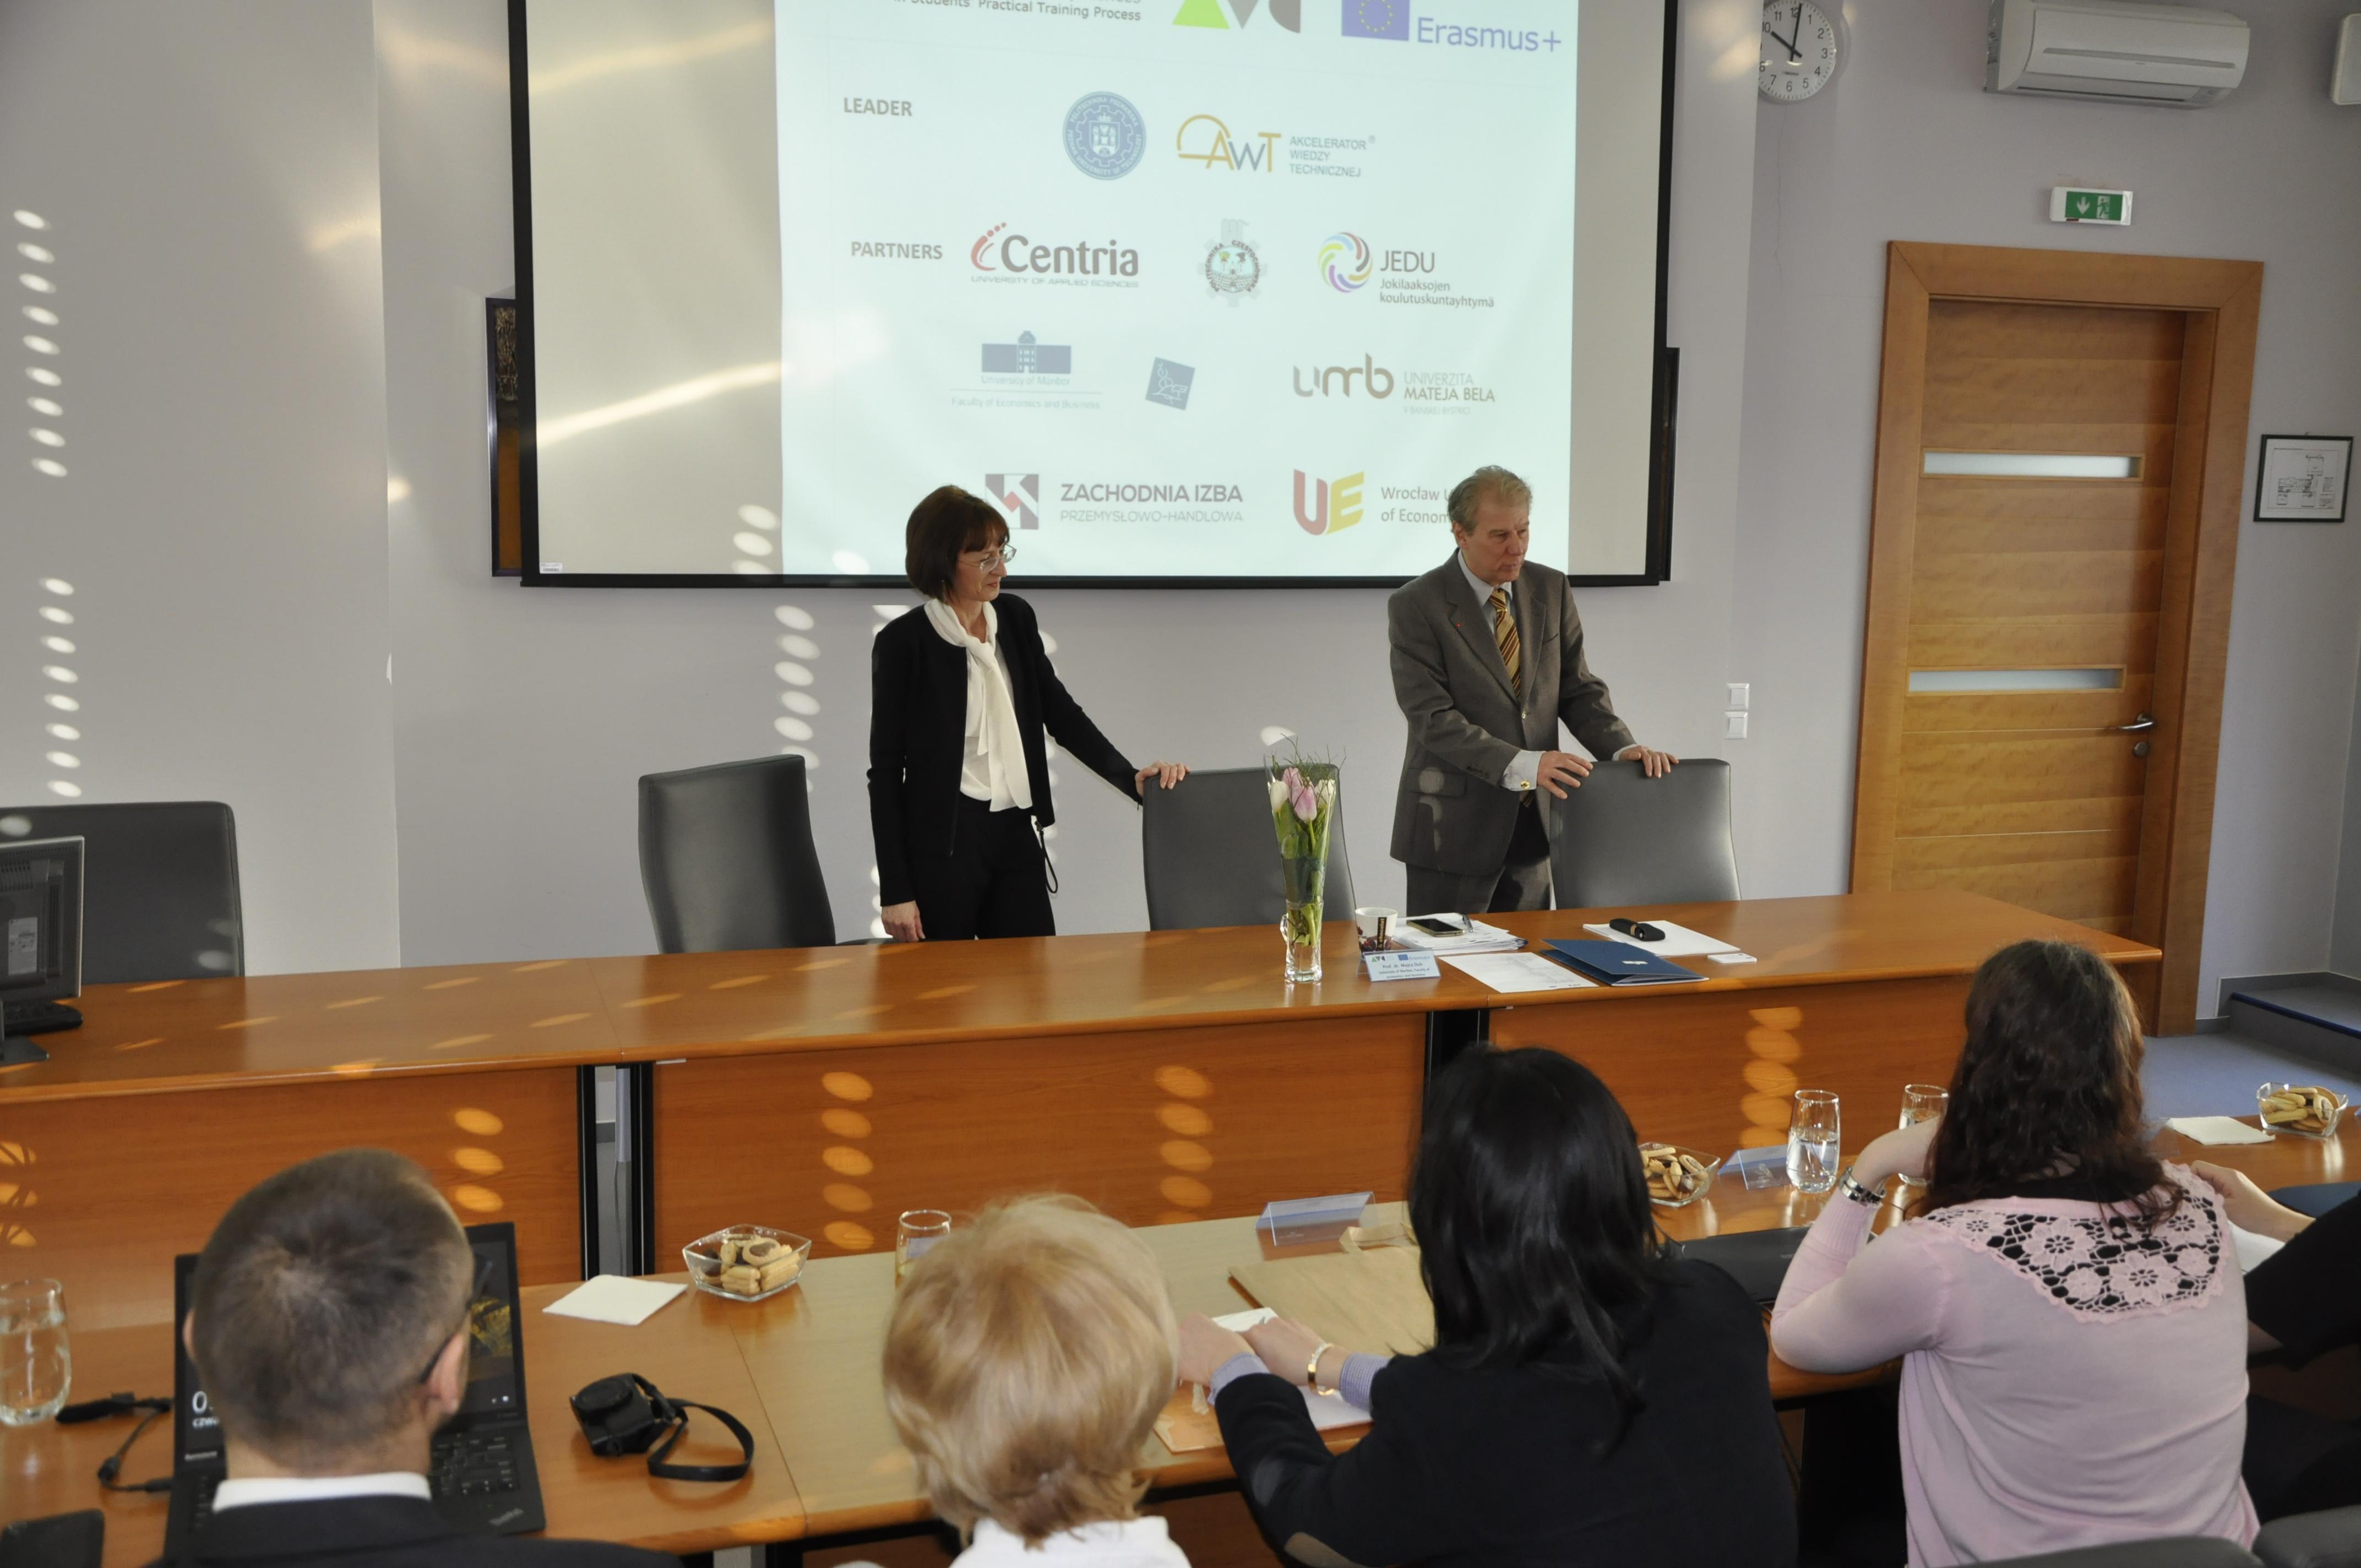 Zdjęcie 2. Otwarcie spotkania przez prof. dr. Davorin Kračun, Dziekana Wydziału Ekonomii i Biznesu Uniwersytetu w Mariborze.